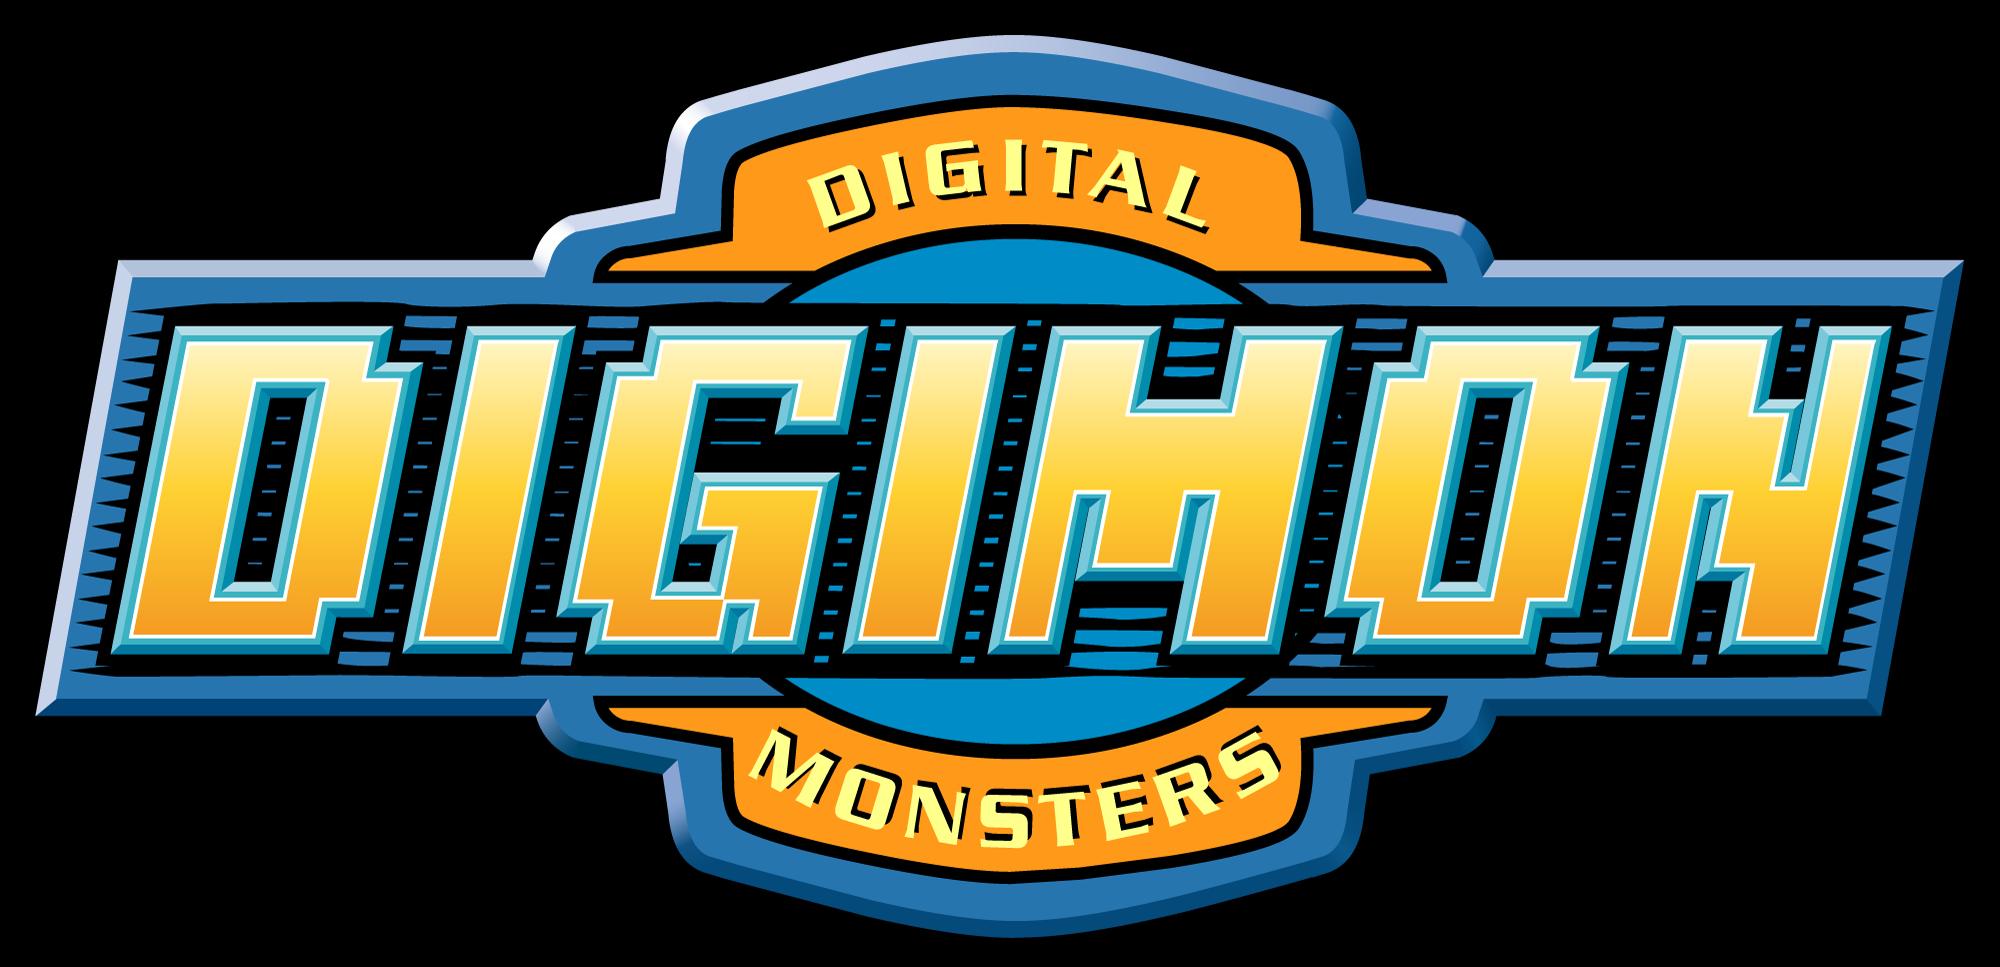 [NEWS] Un nouveau film pour Digimon Latest?cb=20170606183317